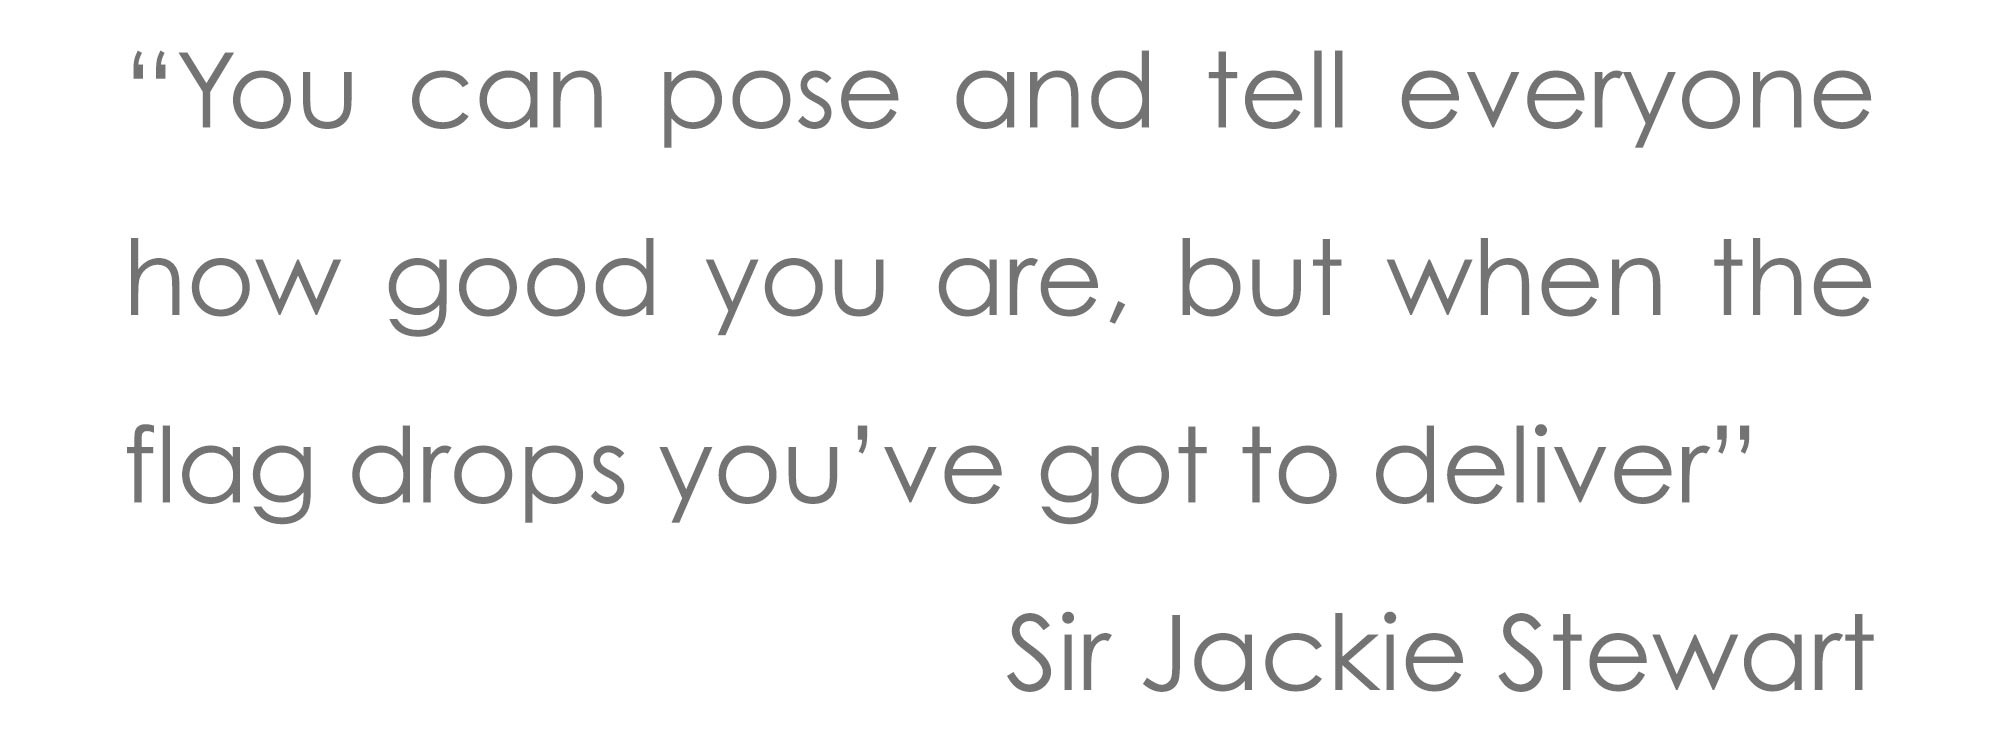 Jackie-Stewart-quote-25pt-text.jpg